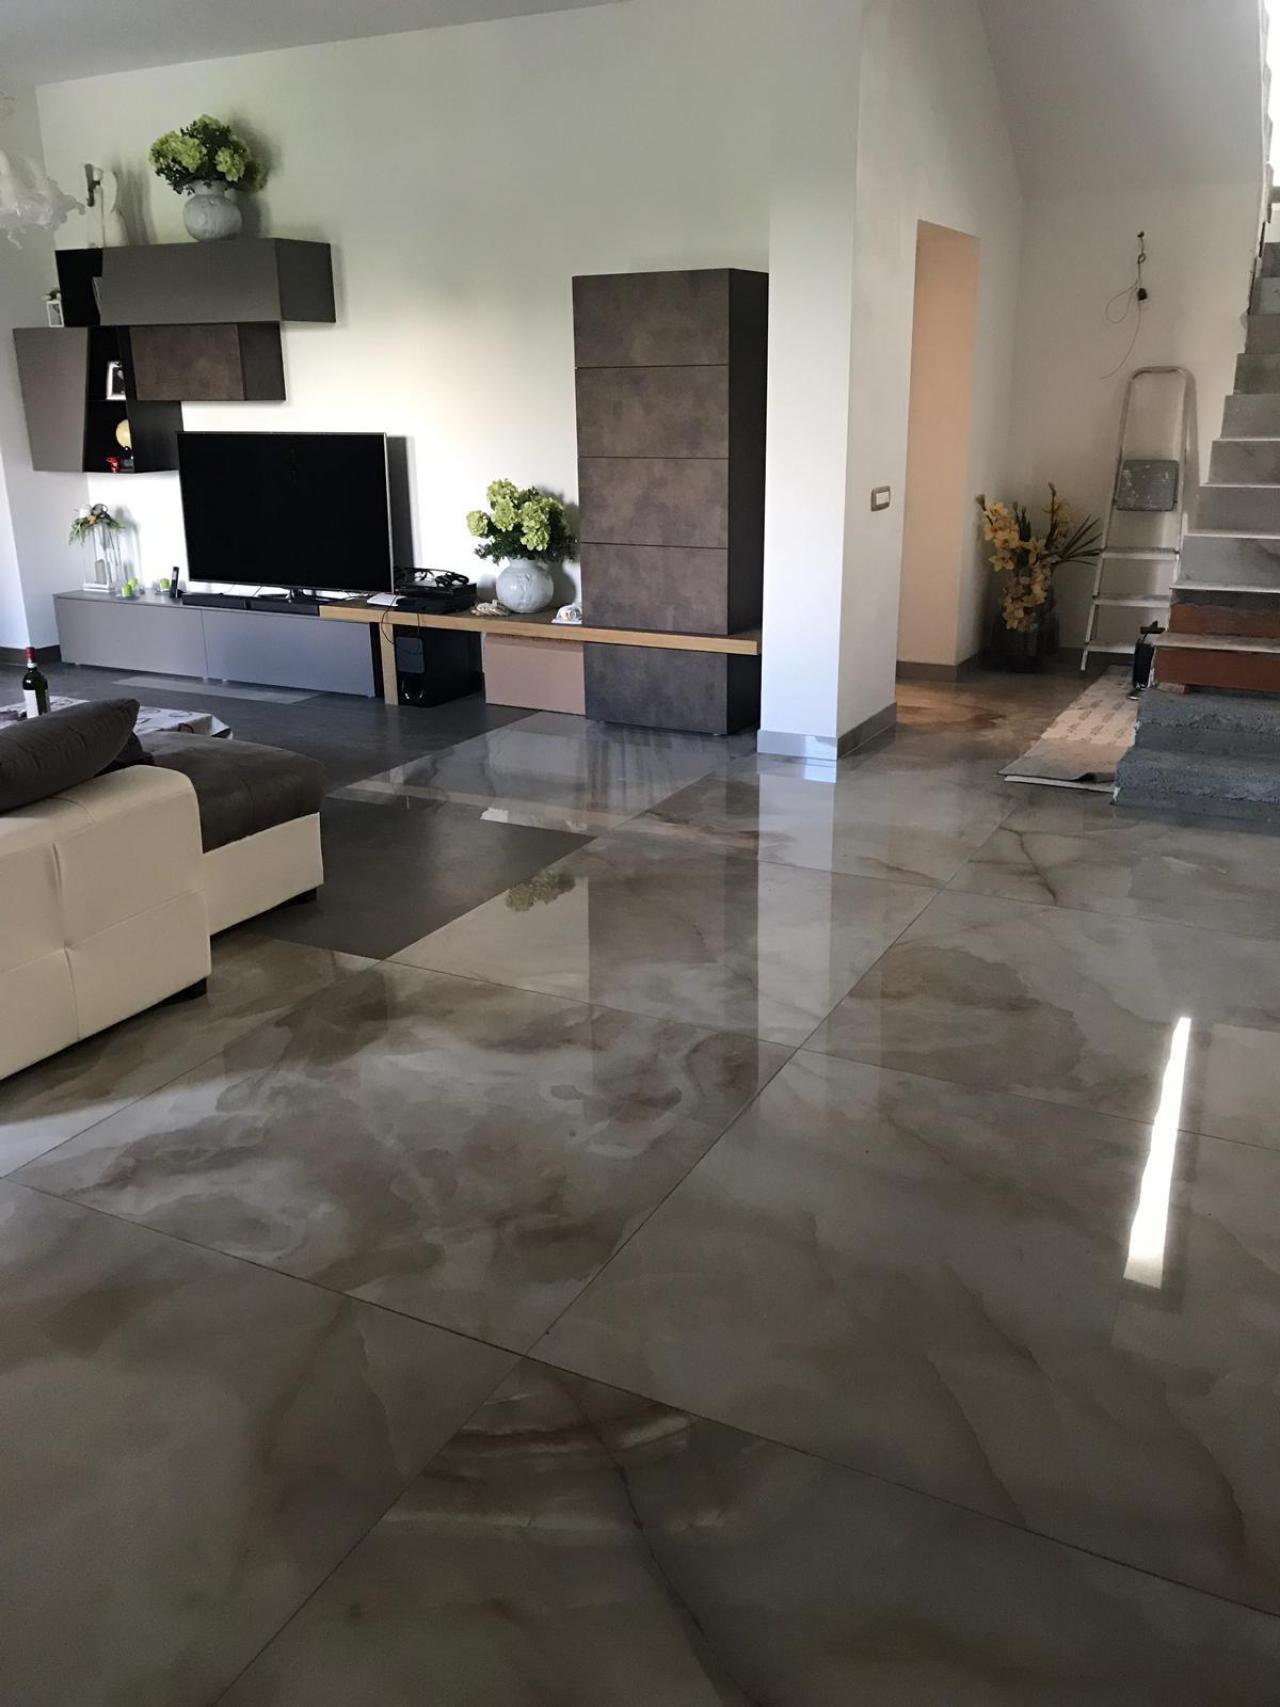 Pavimento Finto Marmo Lucido piastrelle effetto marmo a vicenza | fratelli pellizzari